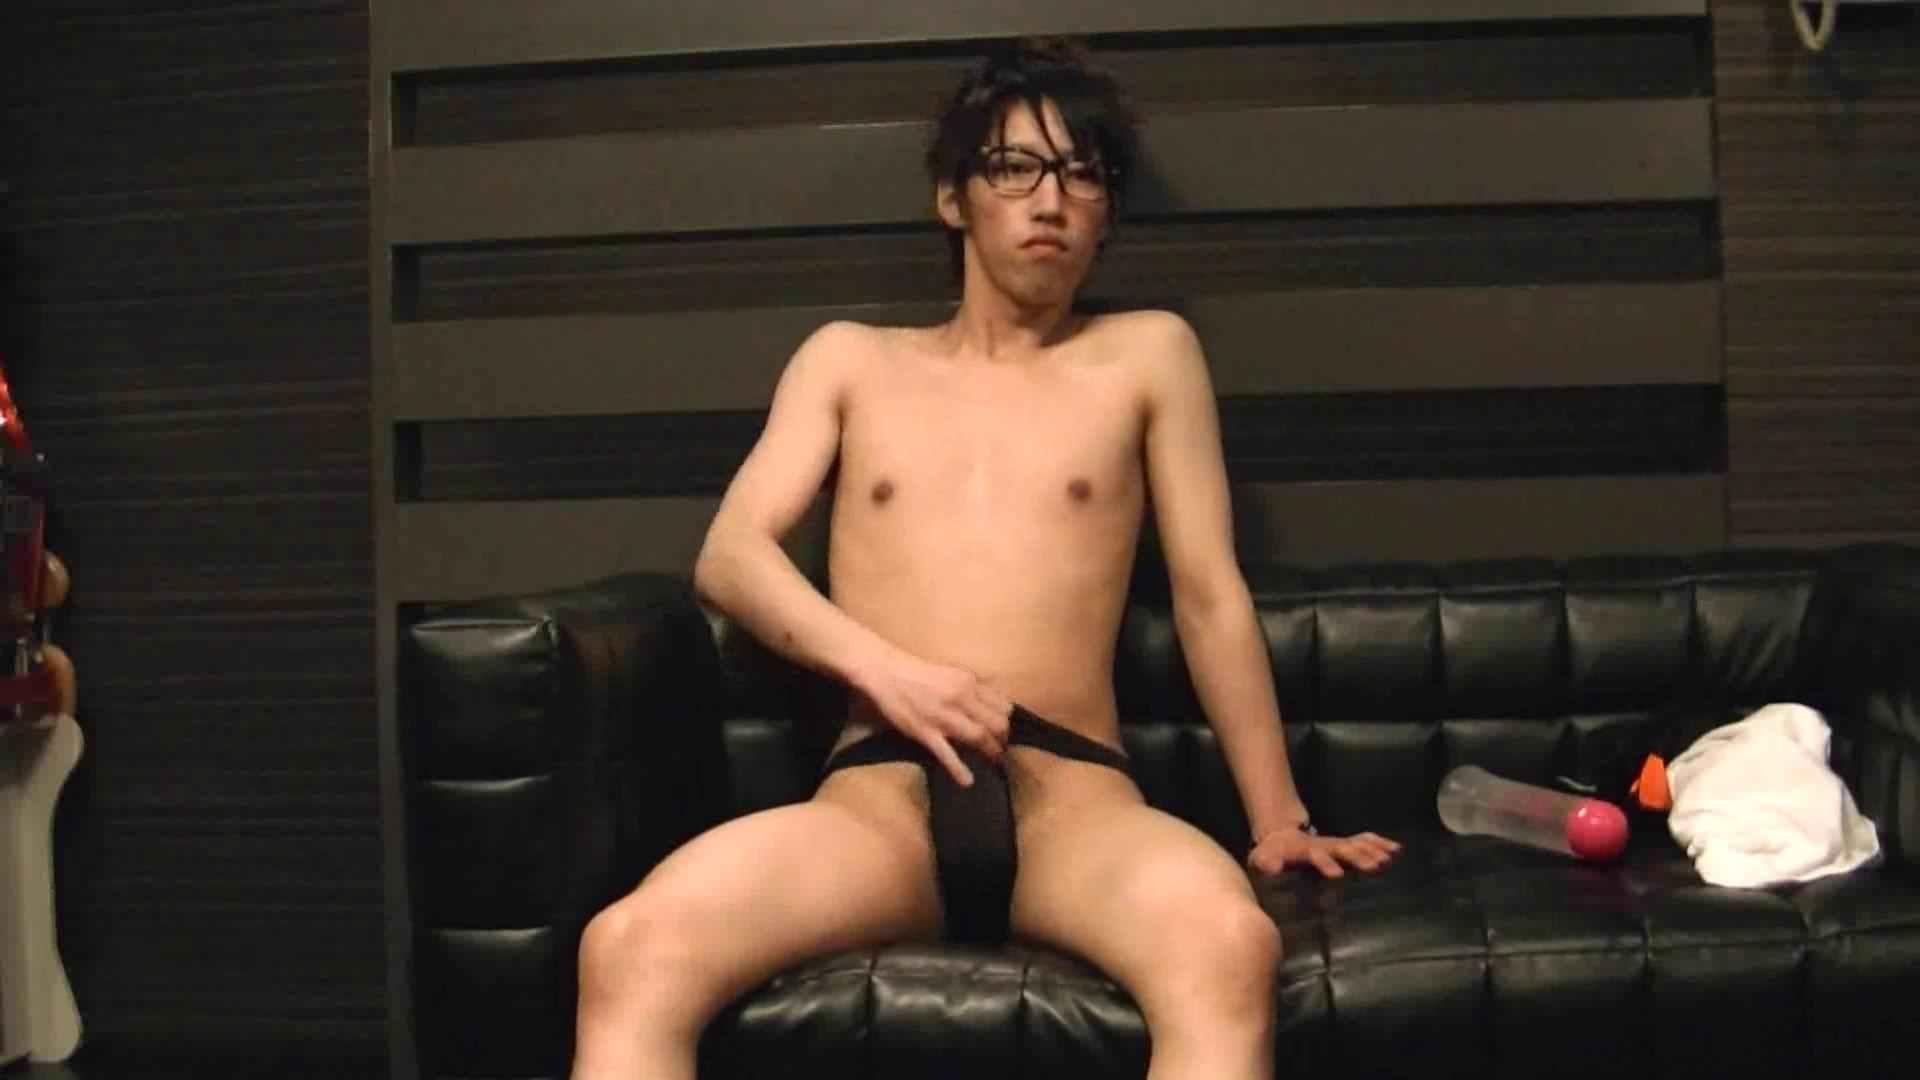 ONA見せカーニバル!! Vol3 男の世界 | オナニー専門男子  98画像 29